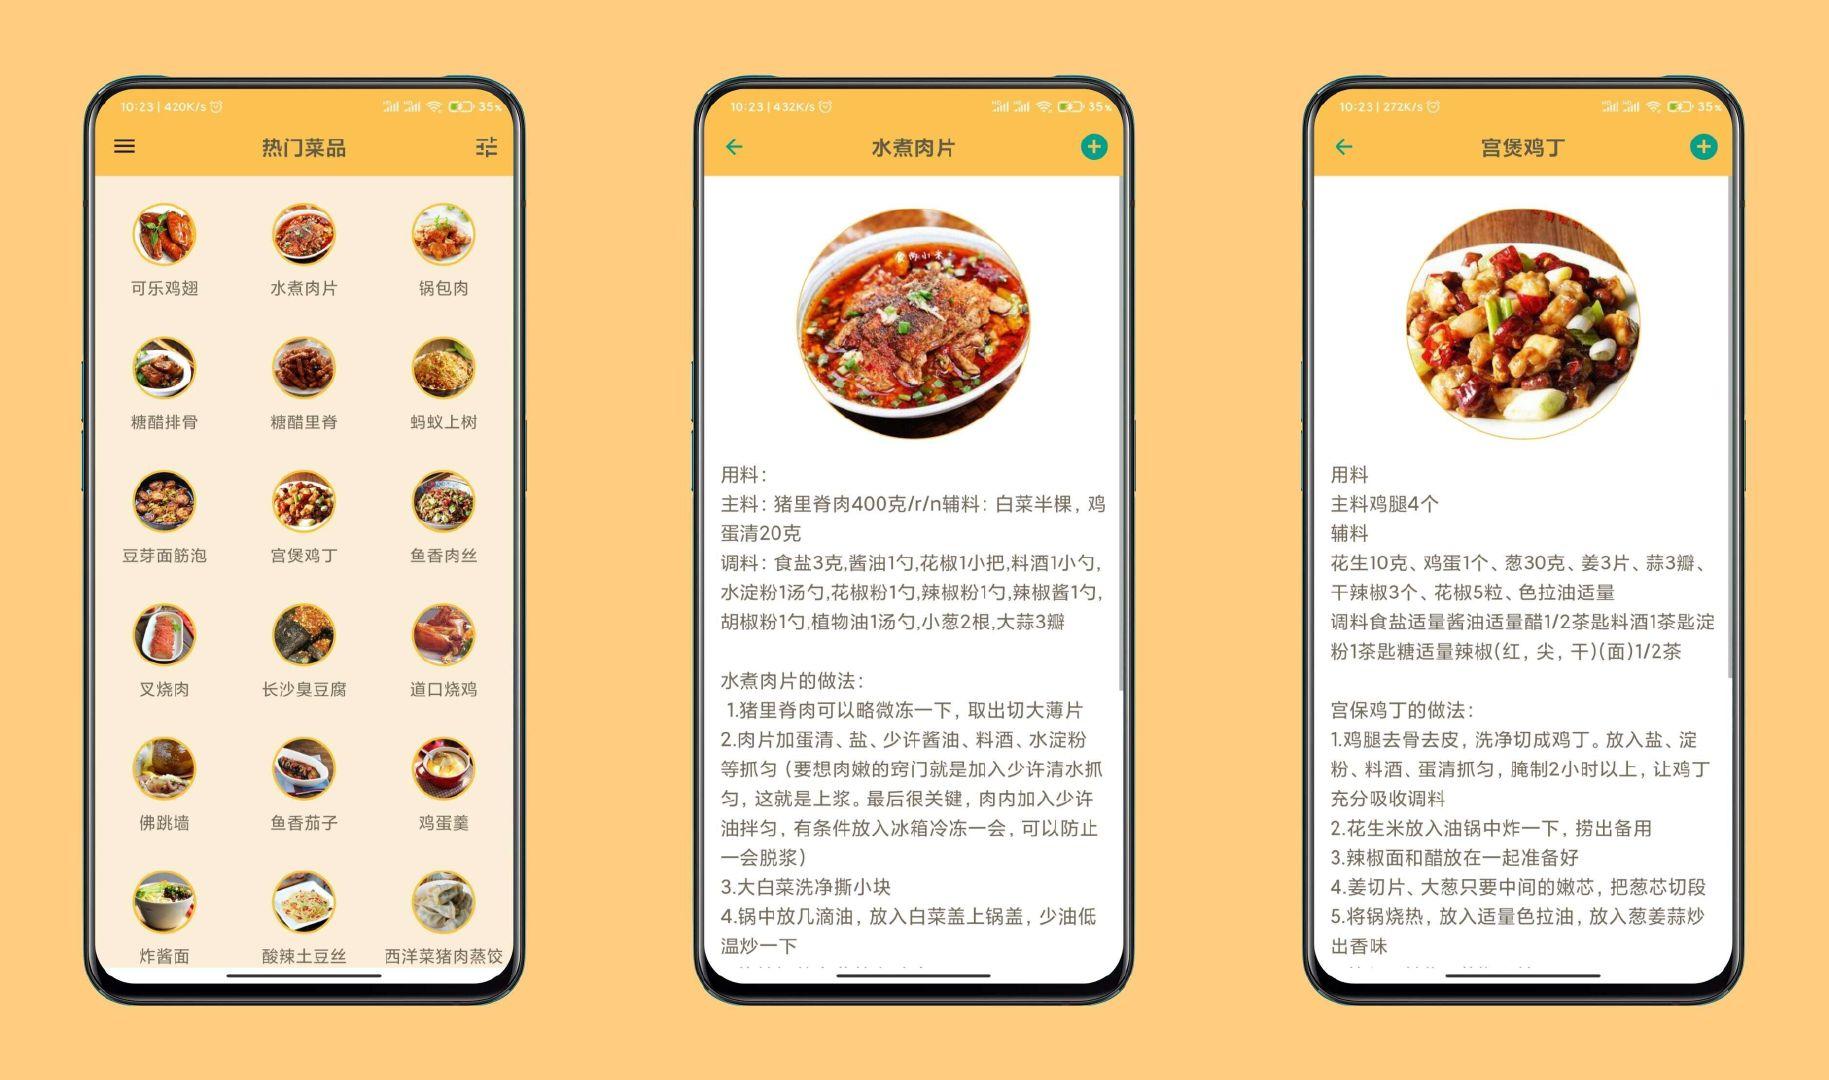 中华美食食谱